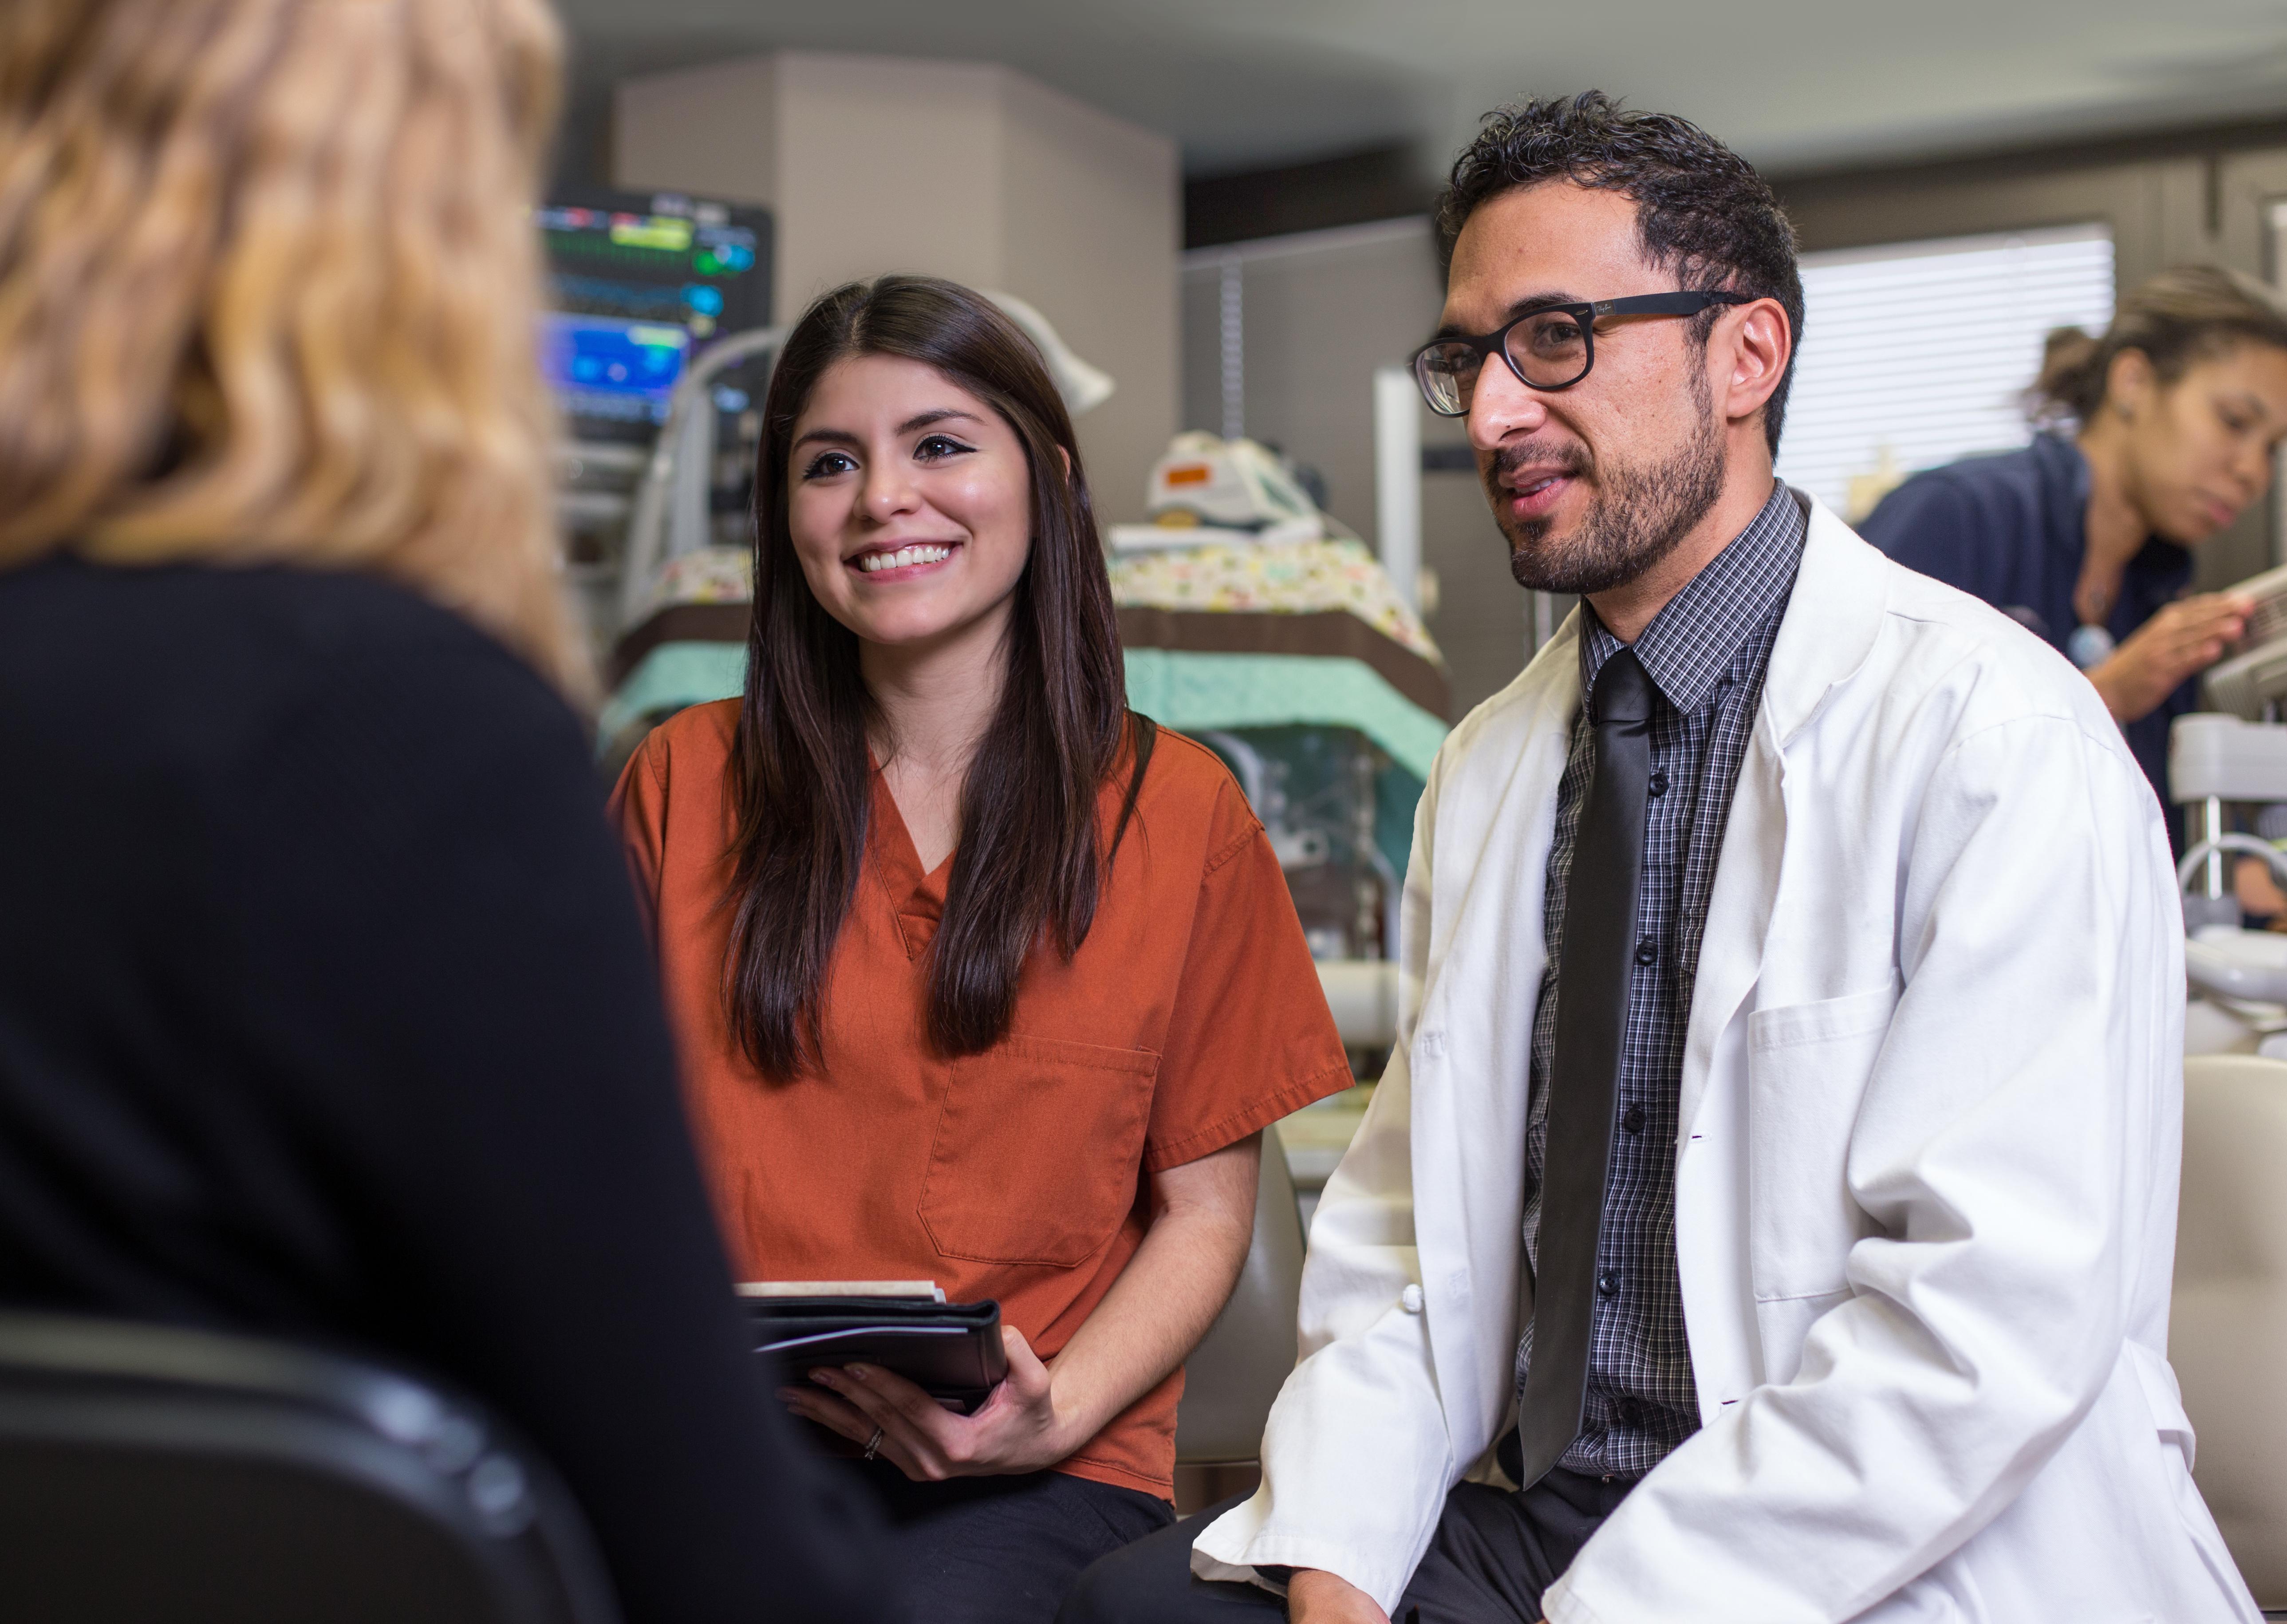 future nurse researchers